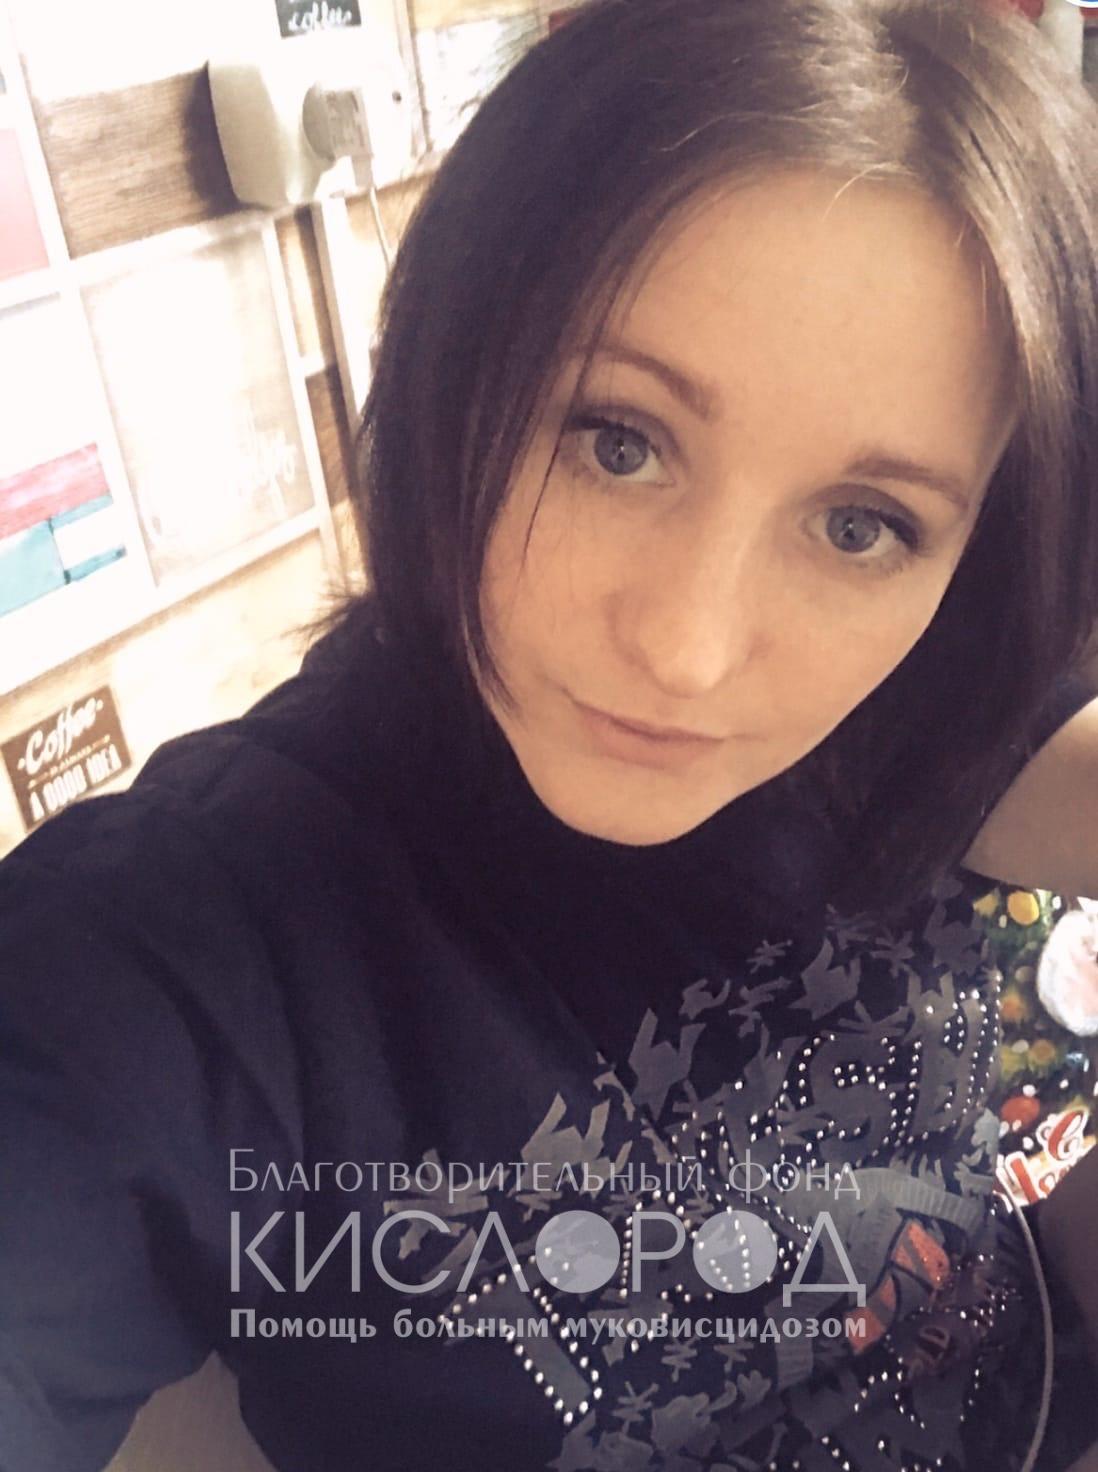 Заставка для - Ксюша Трофимова